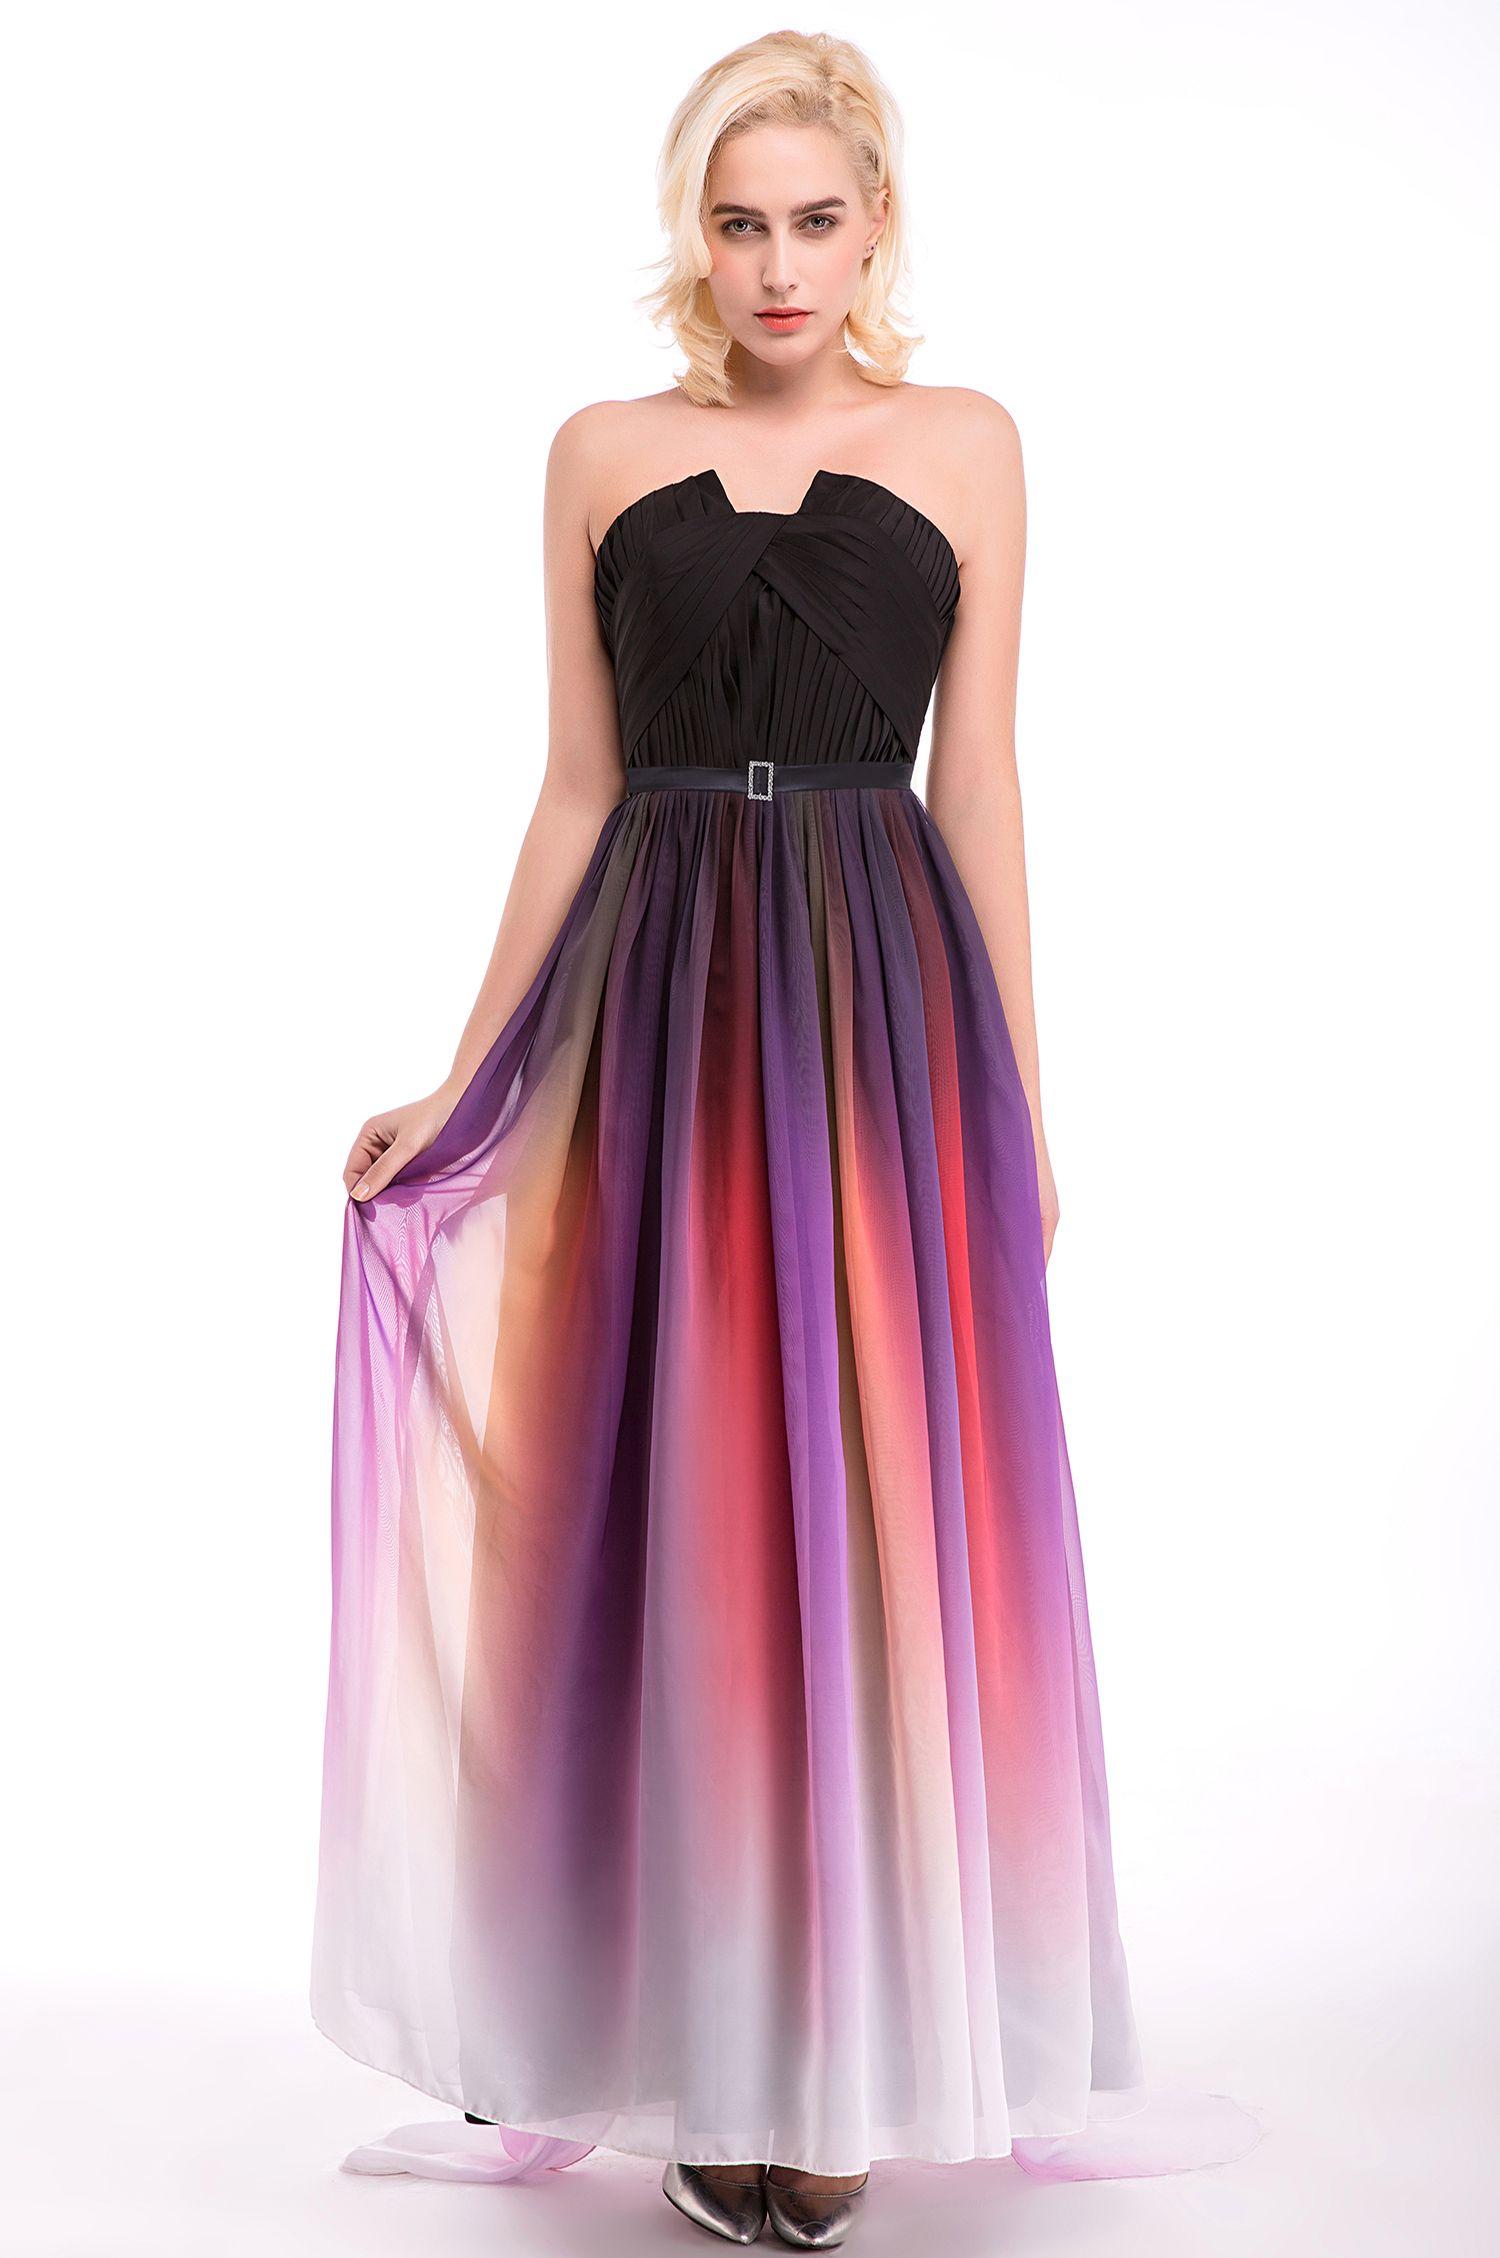 Ombre Summer Dress